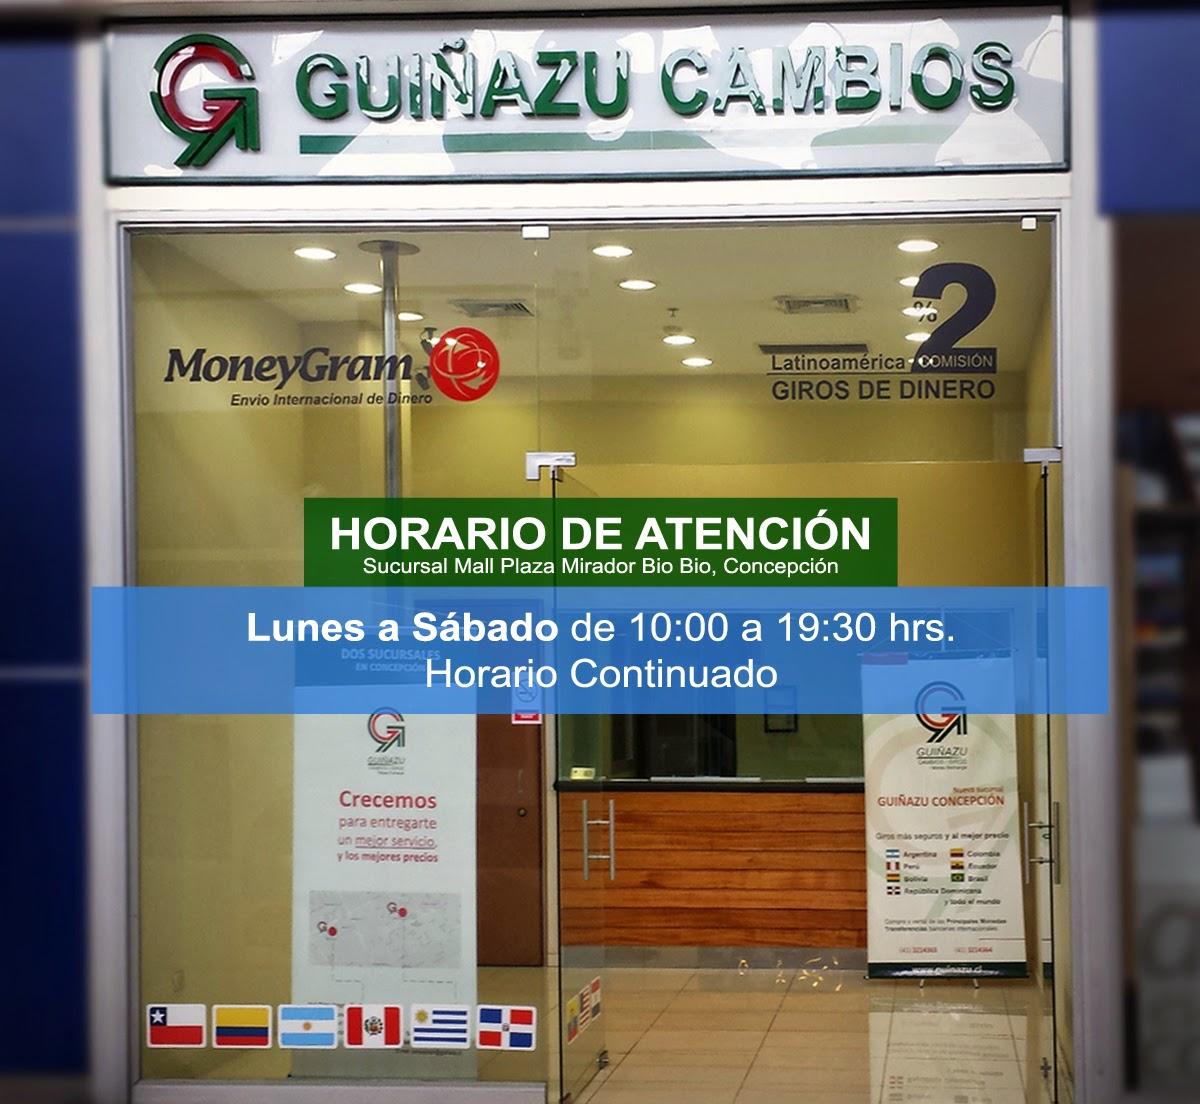 Casa de Cambio Guiñazu - Horarios Mall Mirador Bio Bio